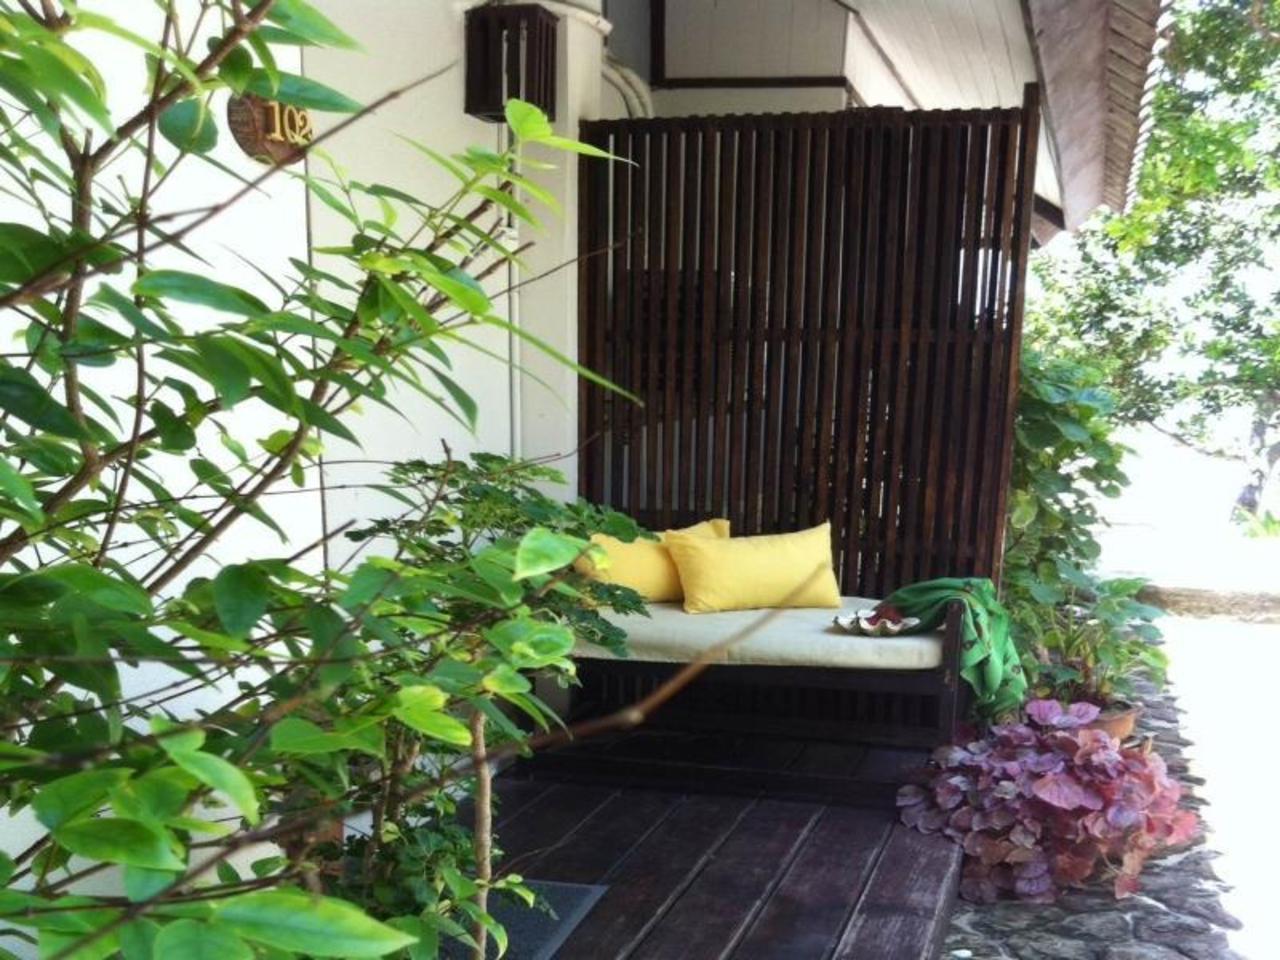 บลิส รีสอร์ท กระบี่ (Bliss Resort Krabi)